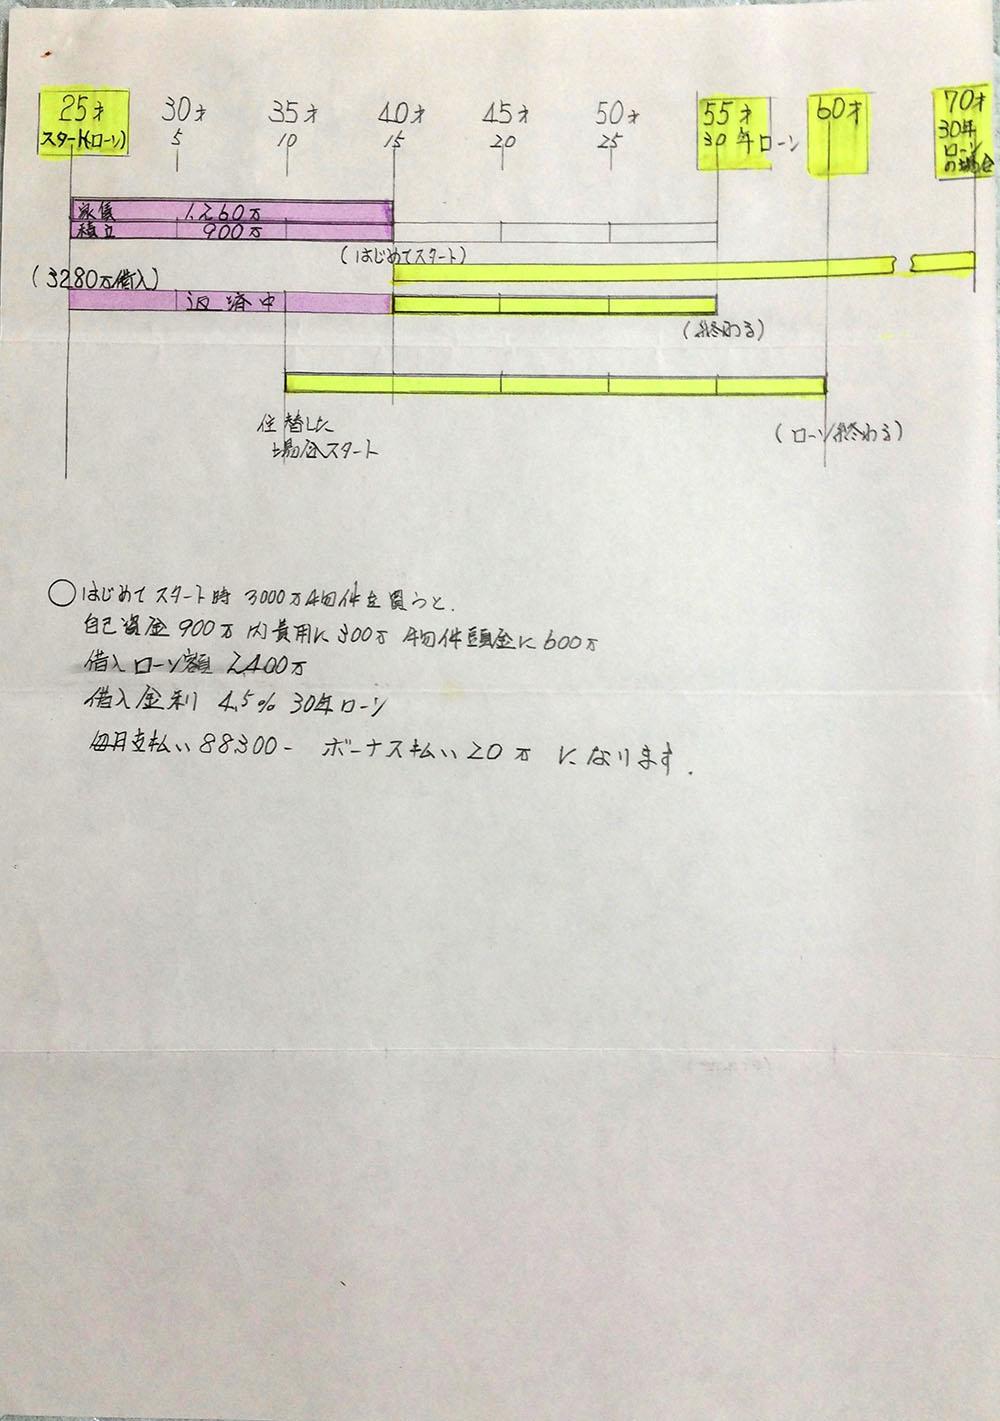 支払いスケジュール_IMG_2991